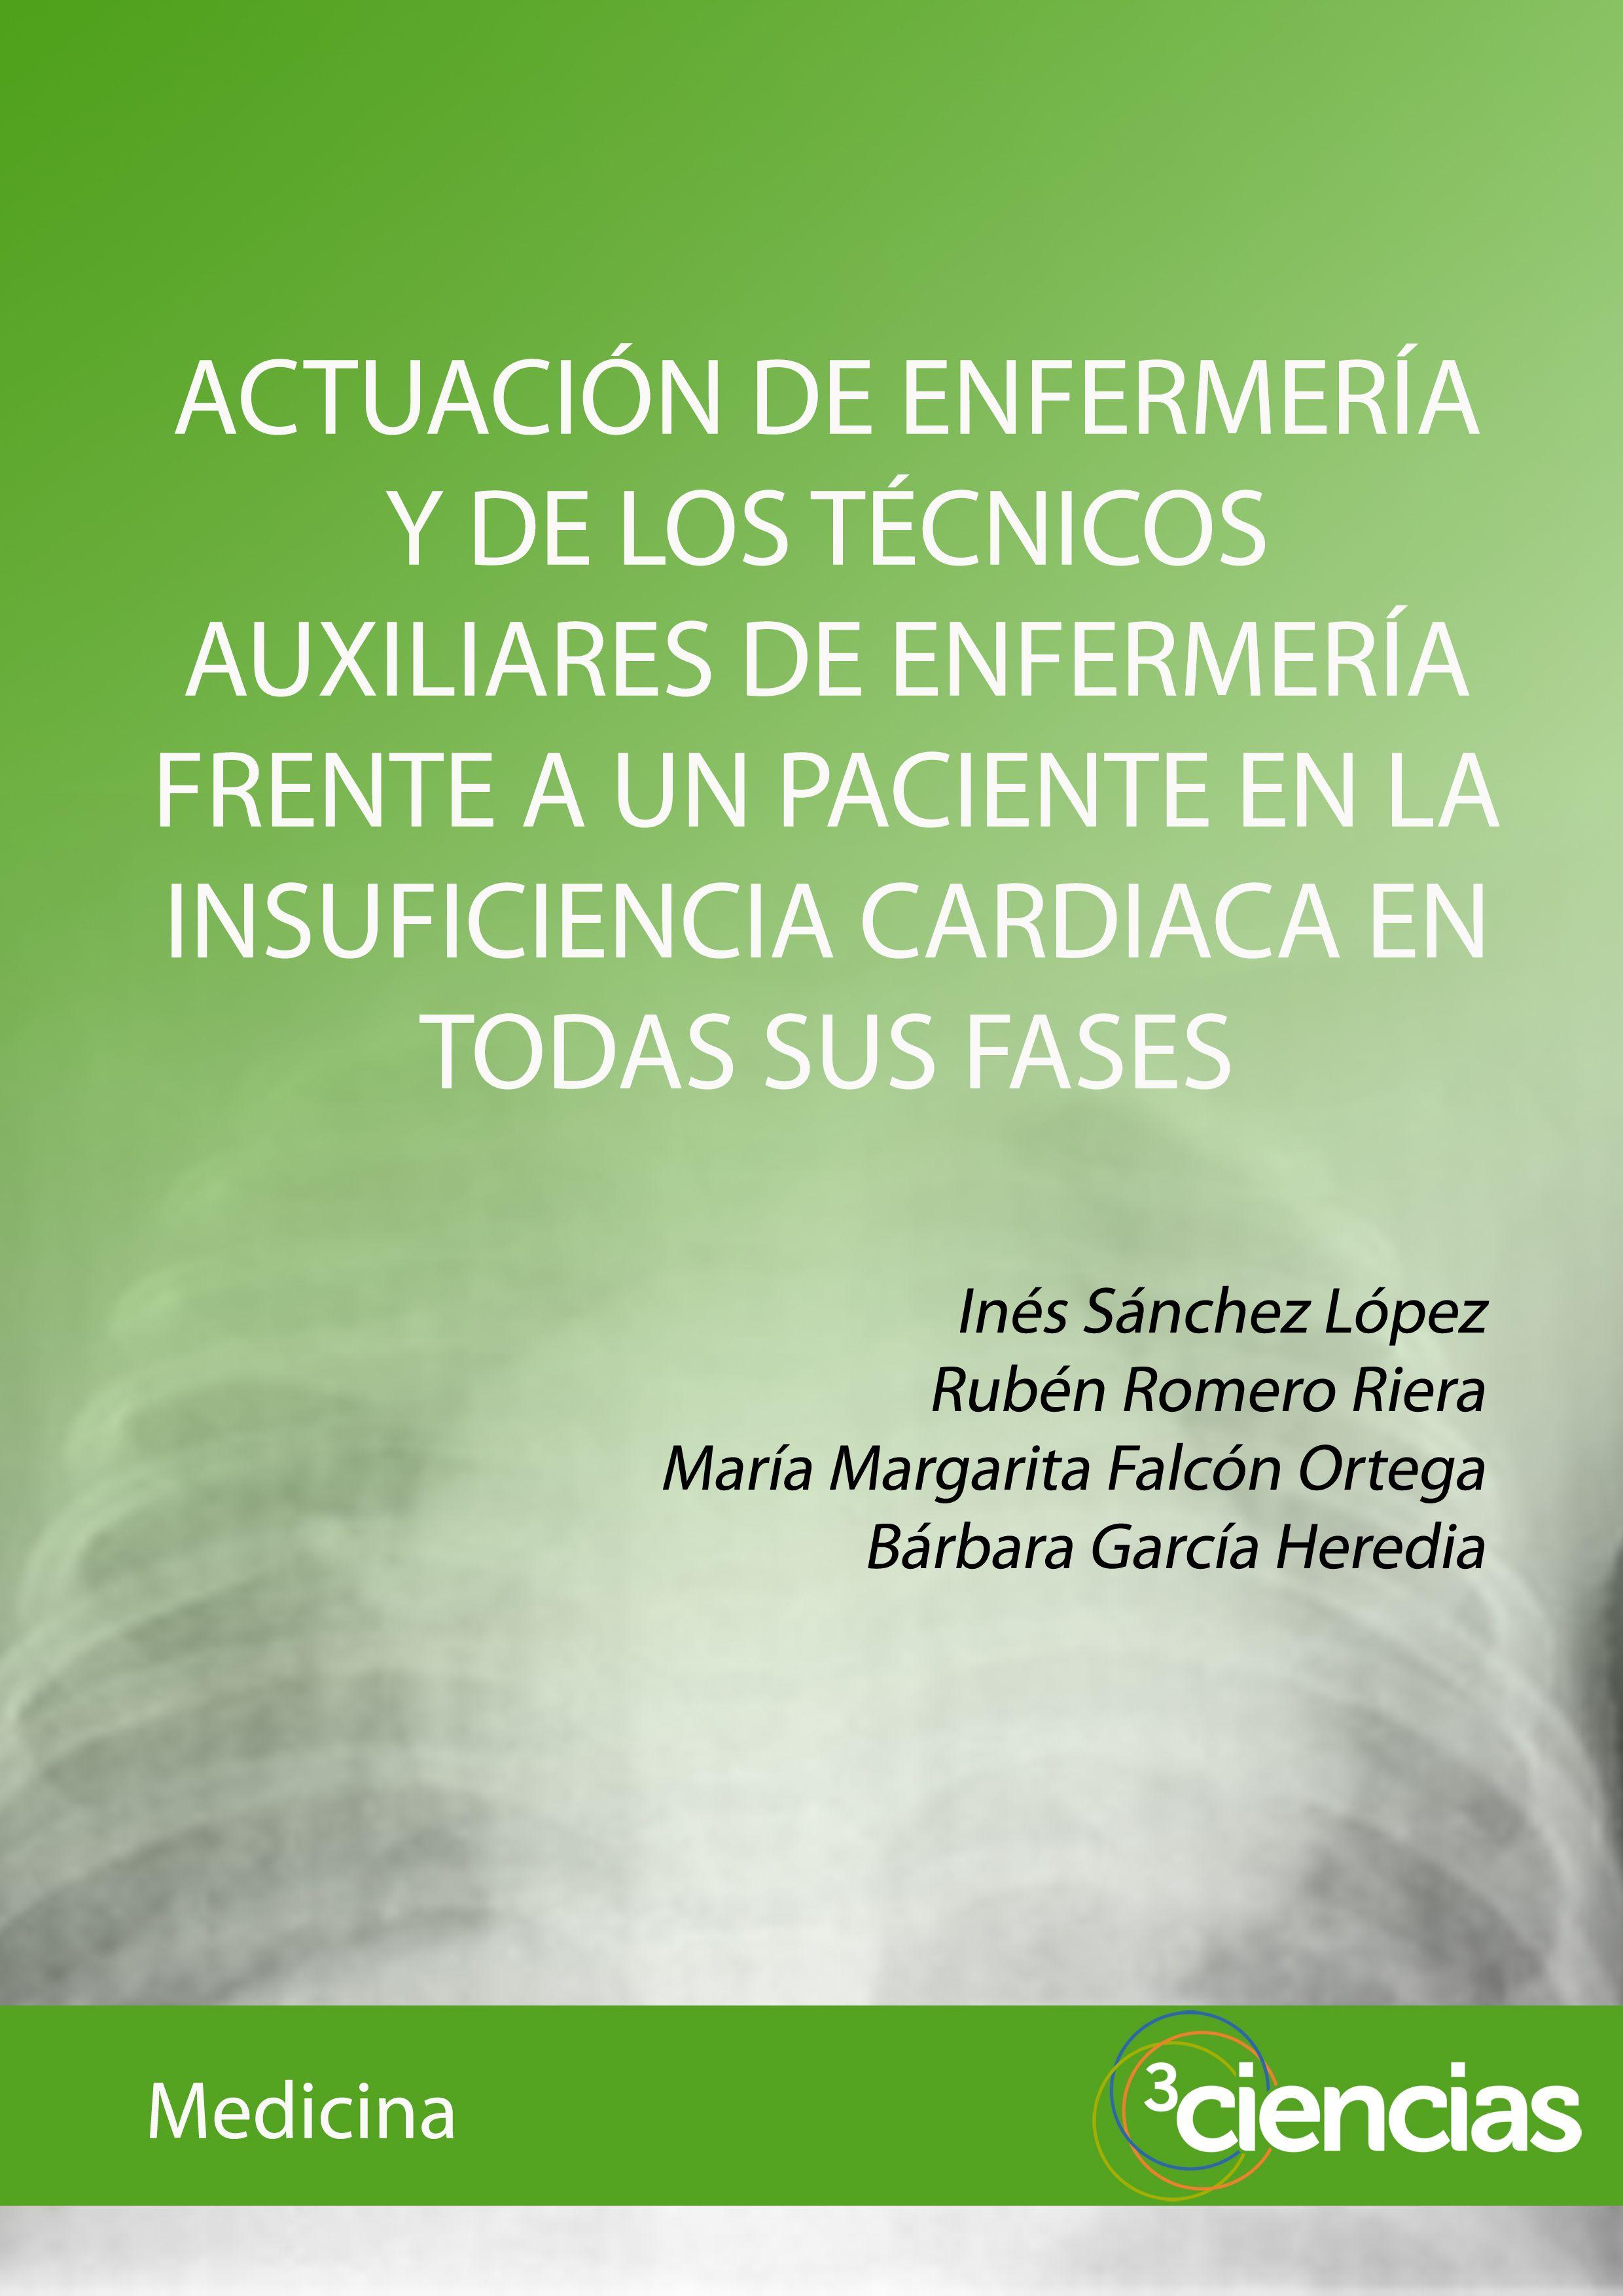 Recomendaciones nutricionales para insuficiencia cardiaca